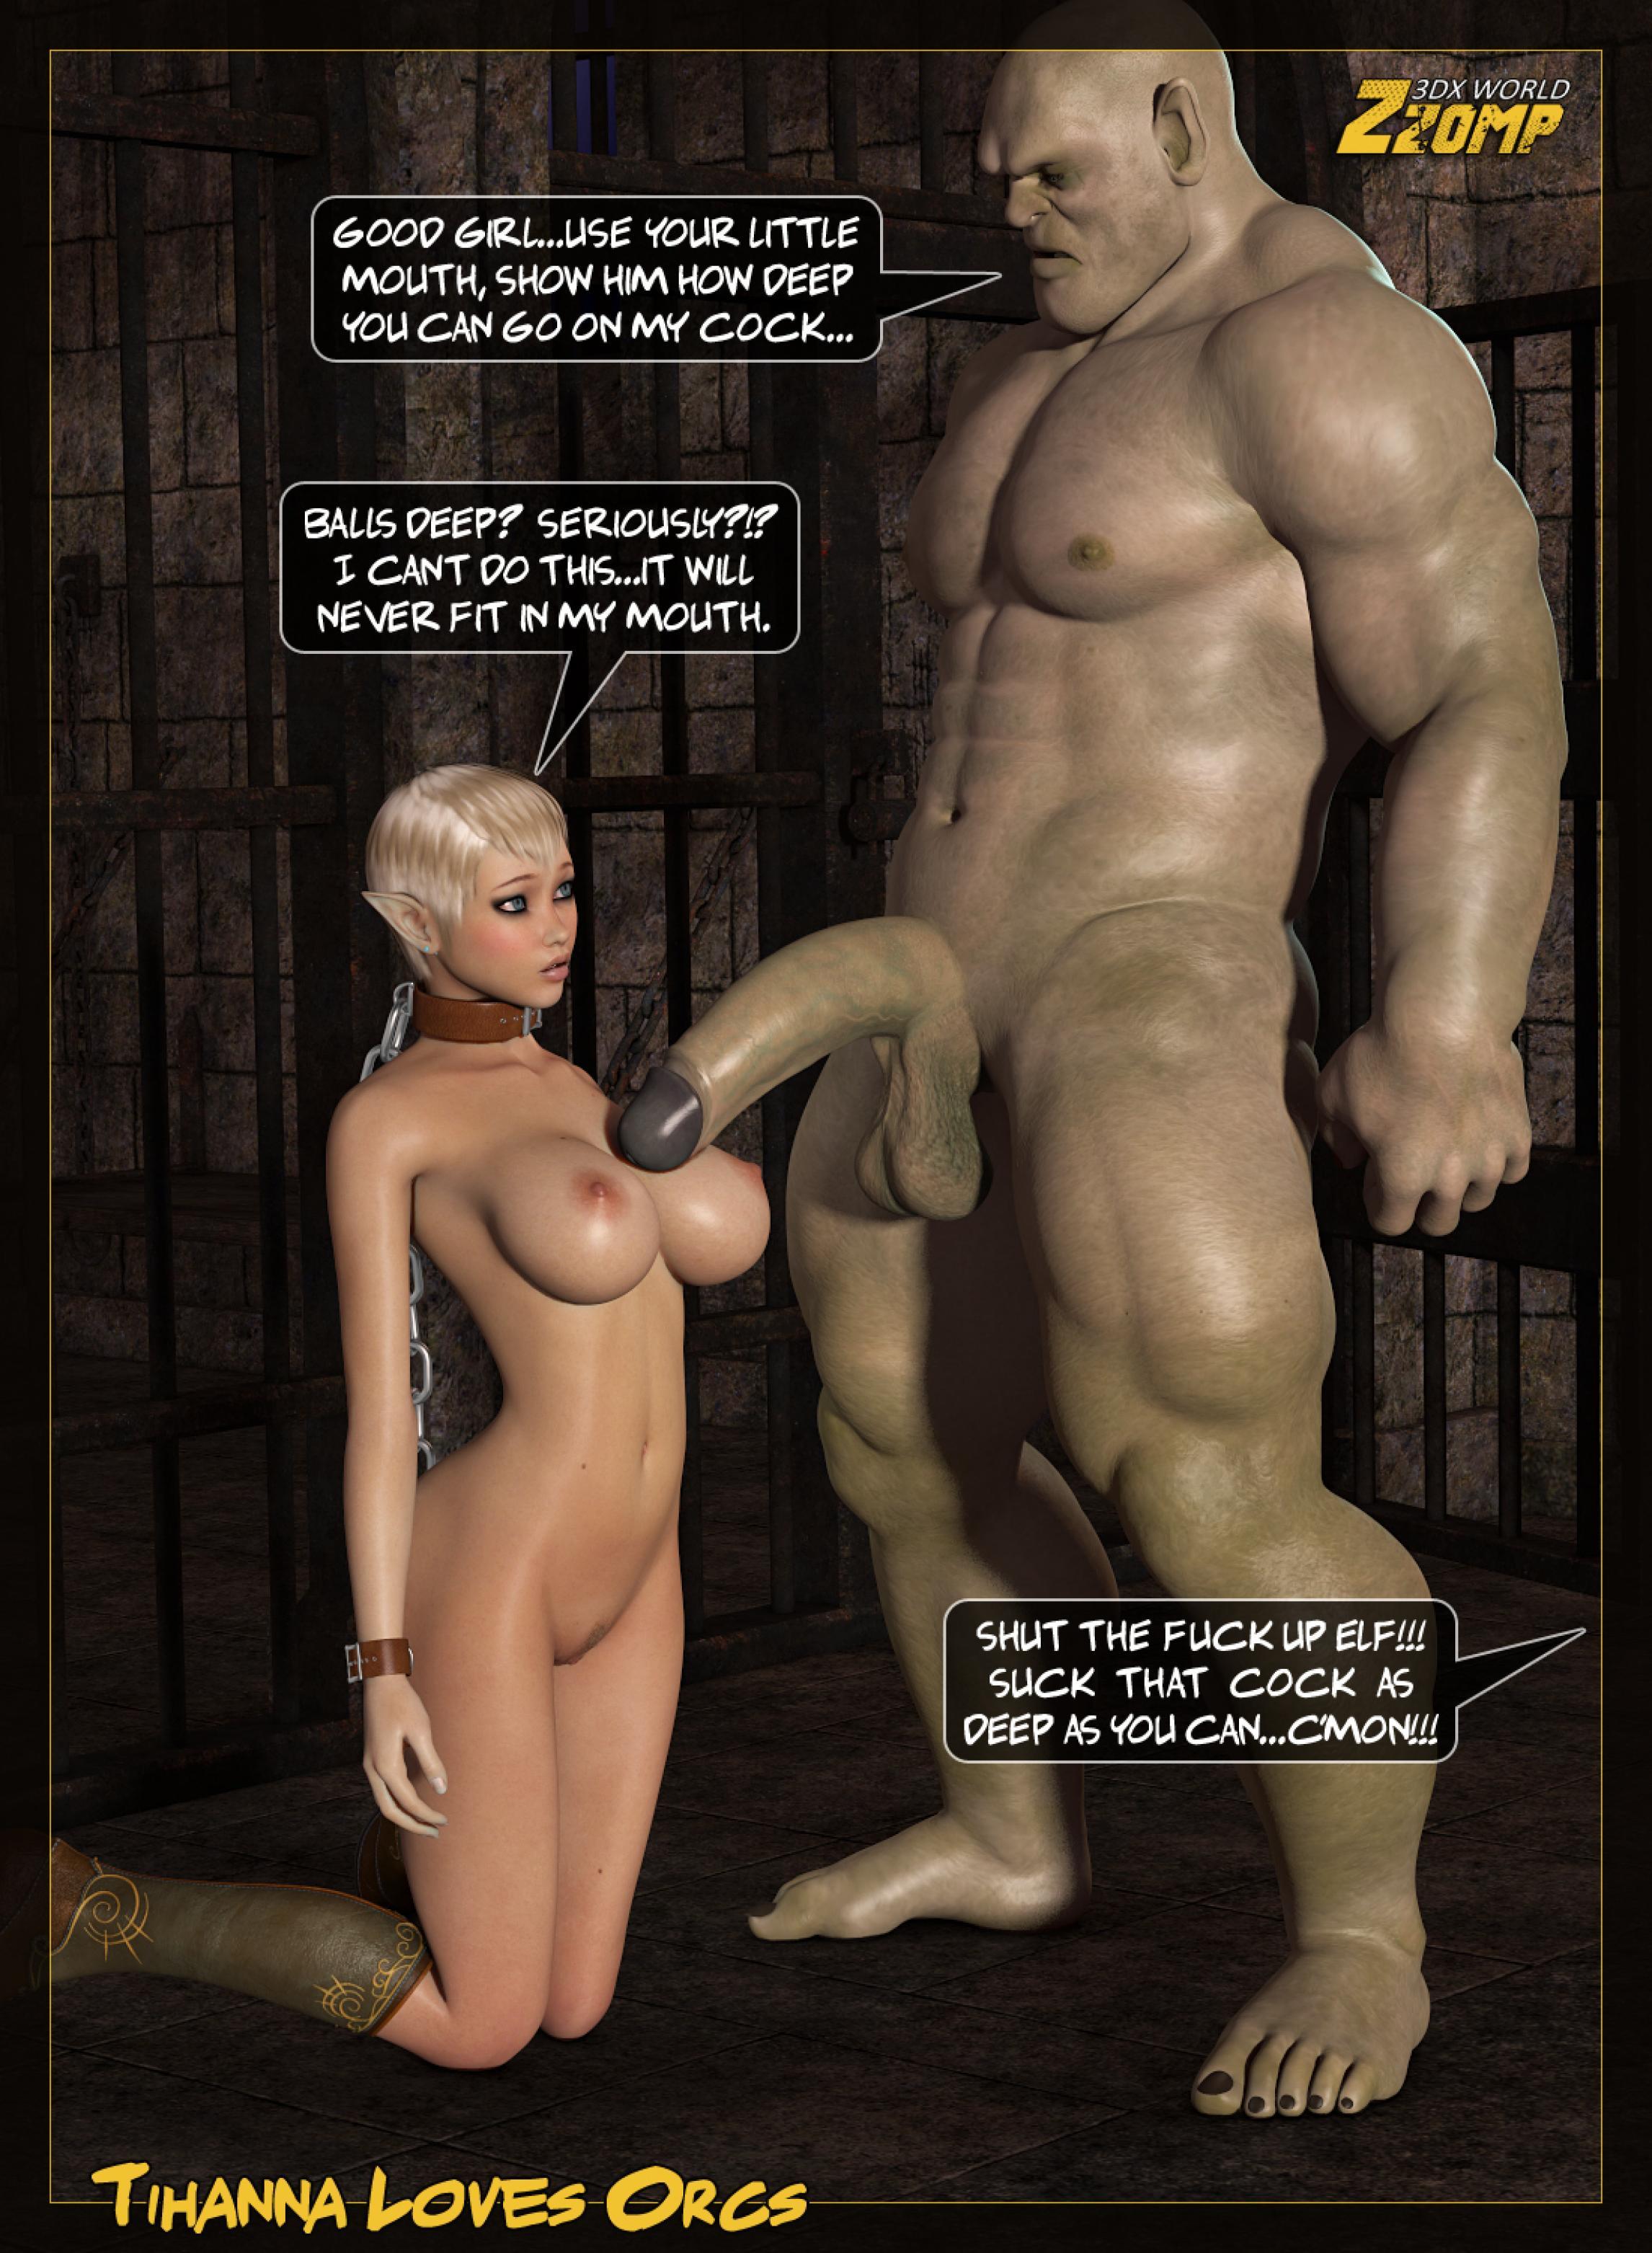 Busty light skinned girl having sex